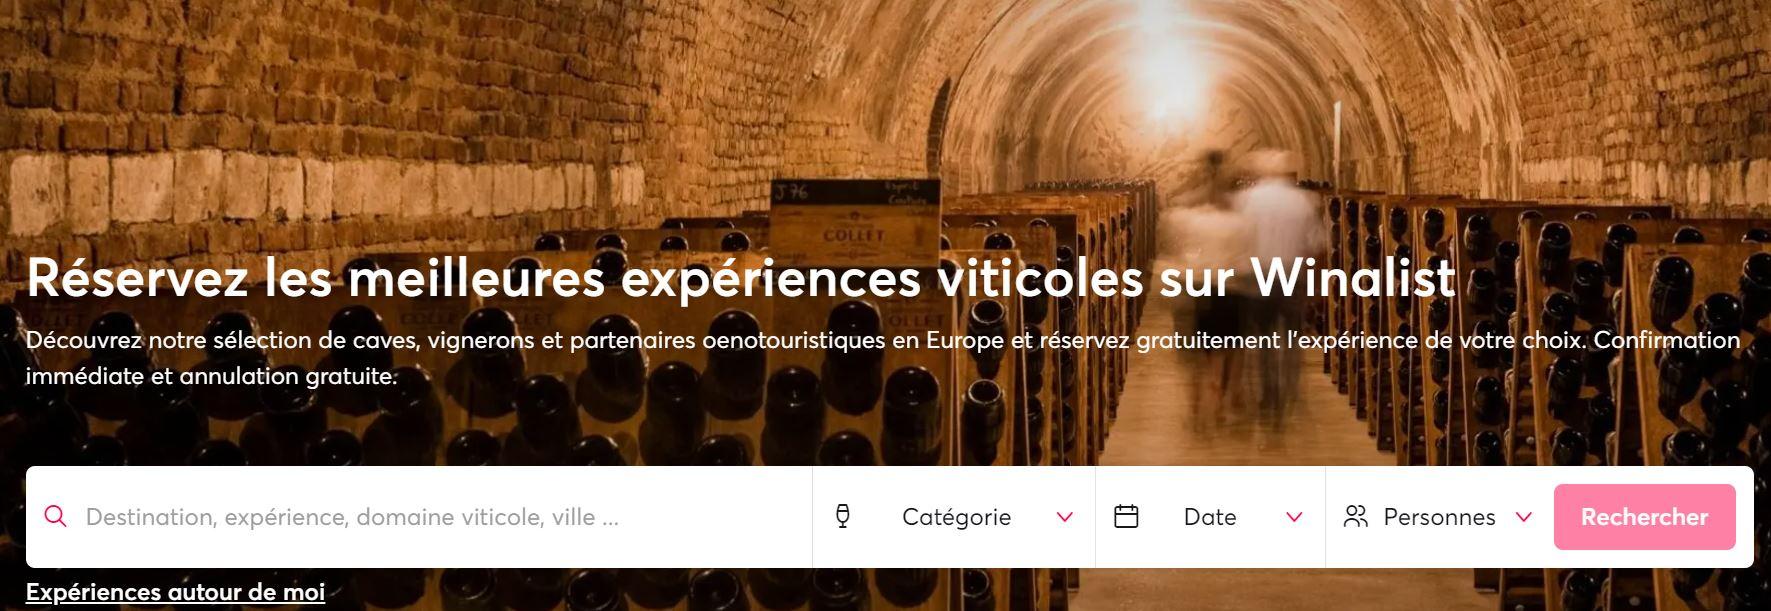 Le site de Winalist